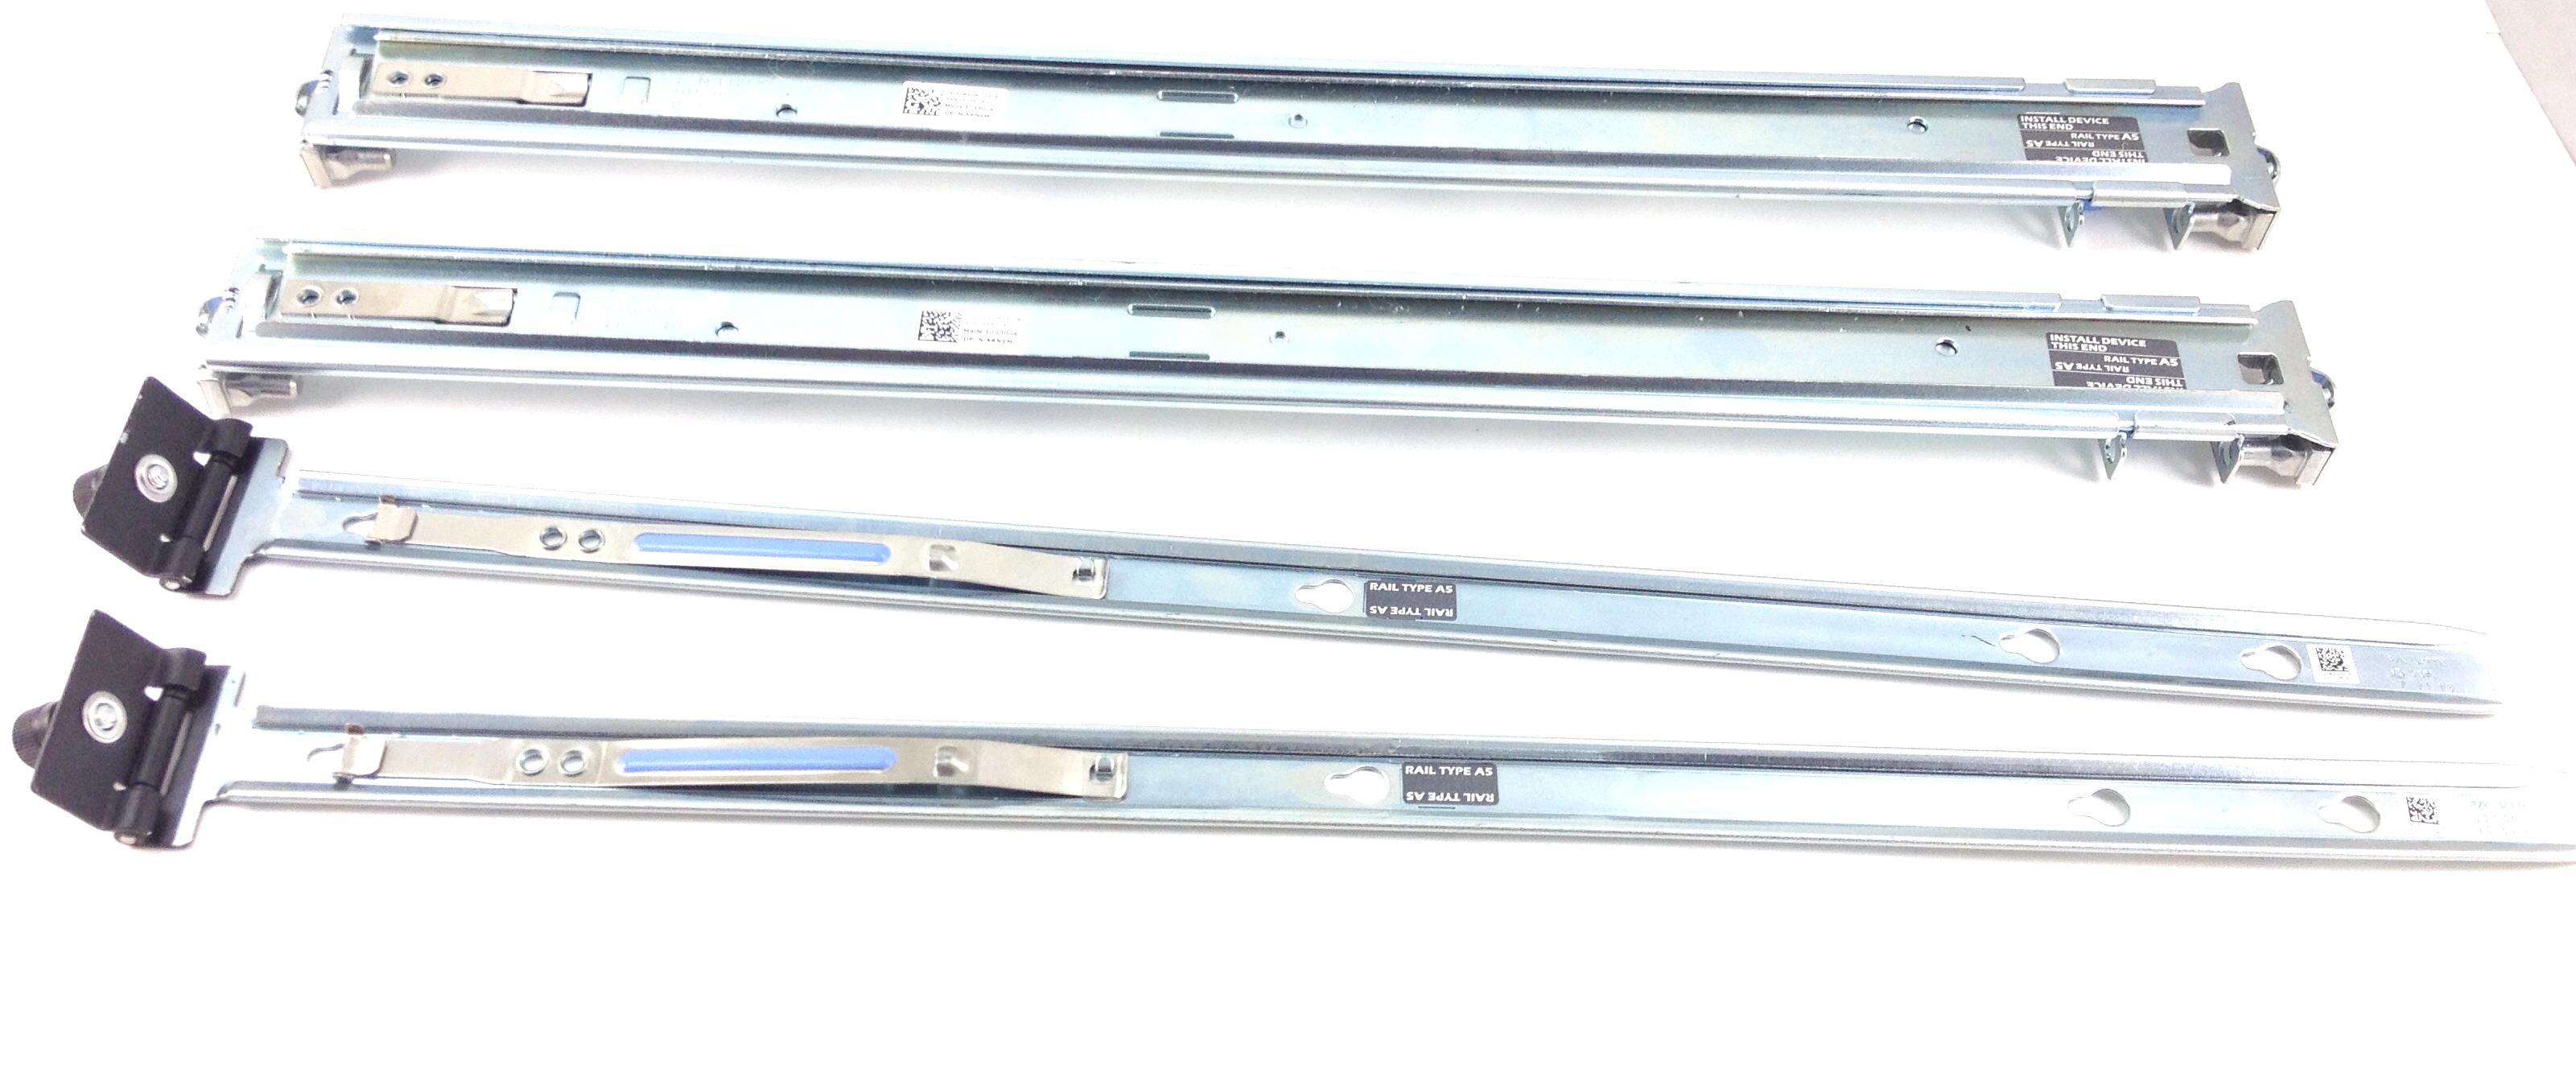 DELL Force 10 RAIL KIT  5RN1M 8024//8024F//8132//8132F//8164F SWITCHES